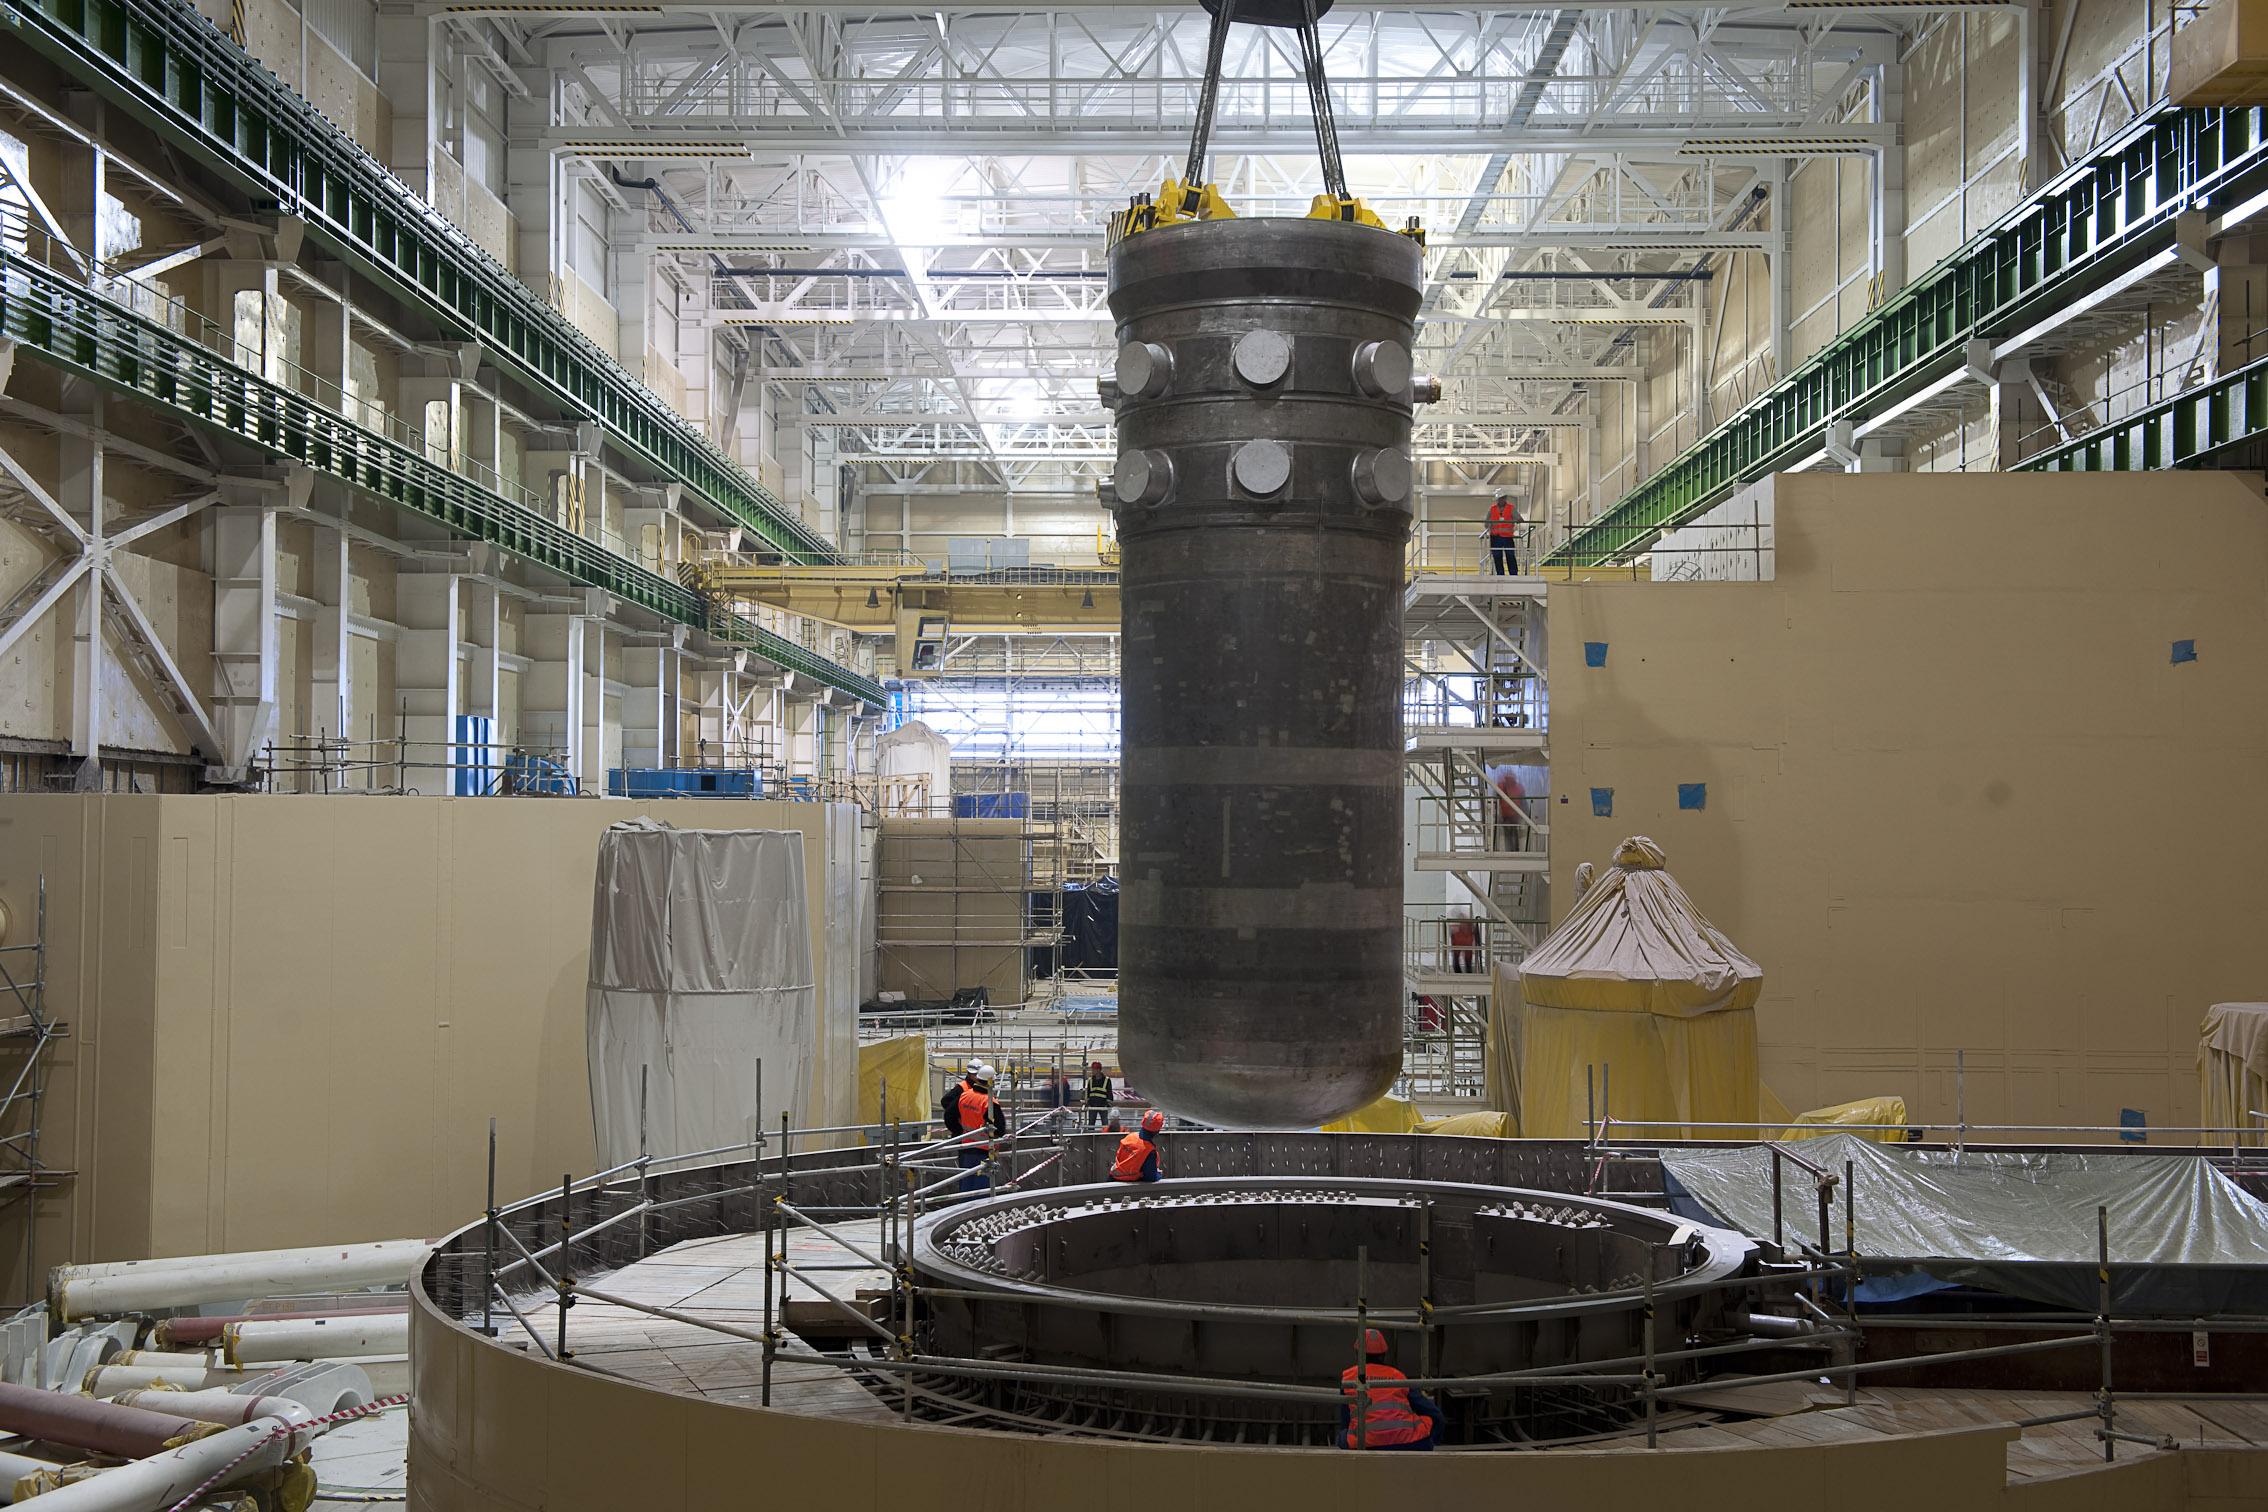 Установка самого нового корпуса реактора ВВЭР-440 производства Шкоды на третьем блоке АЭС Моховце в Словакии, 2010 год.